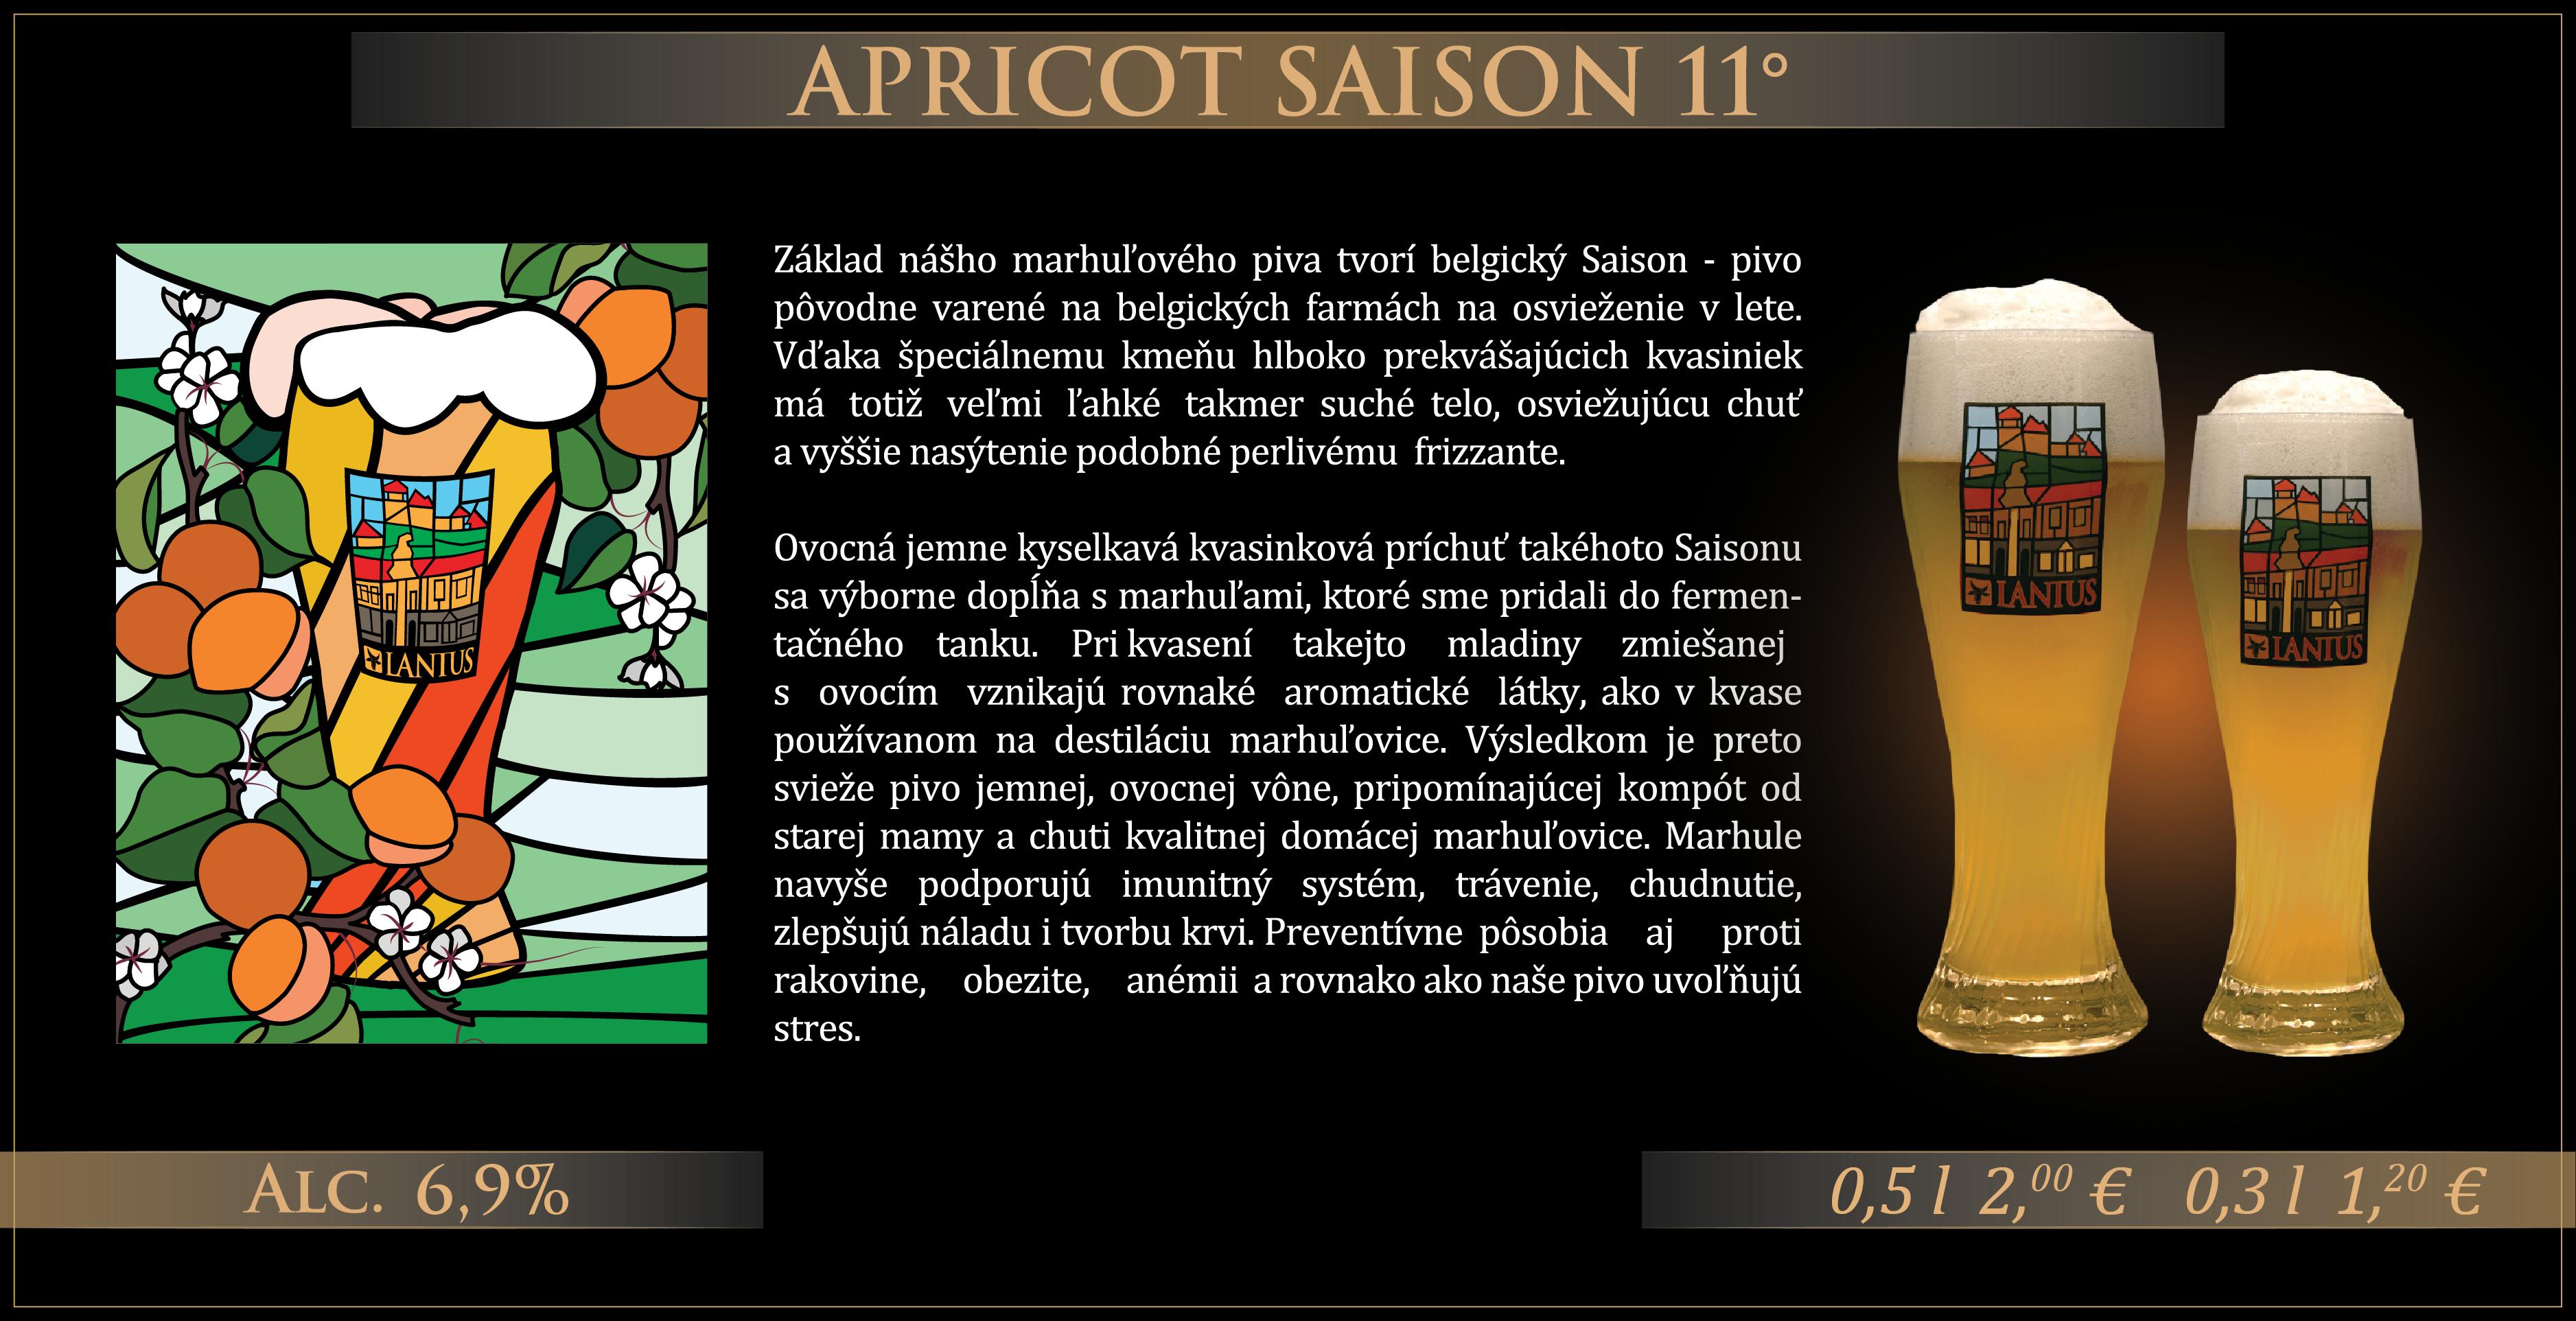 apricot_saison_web-01